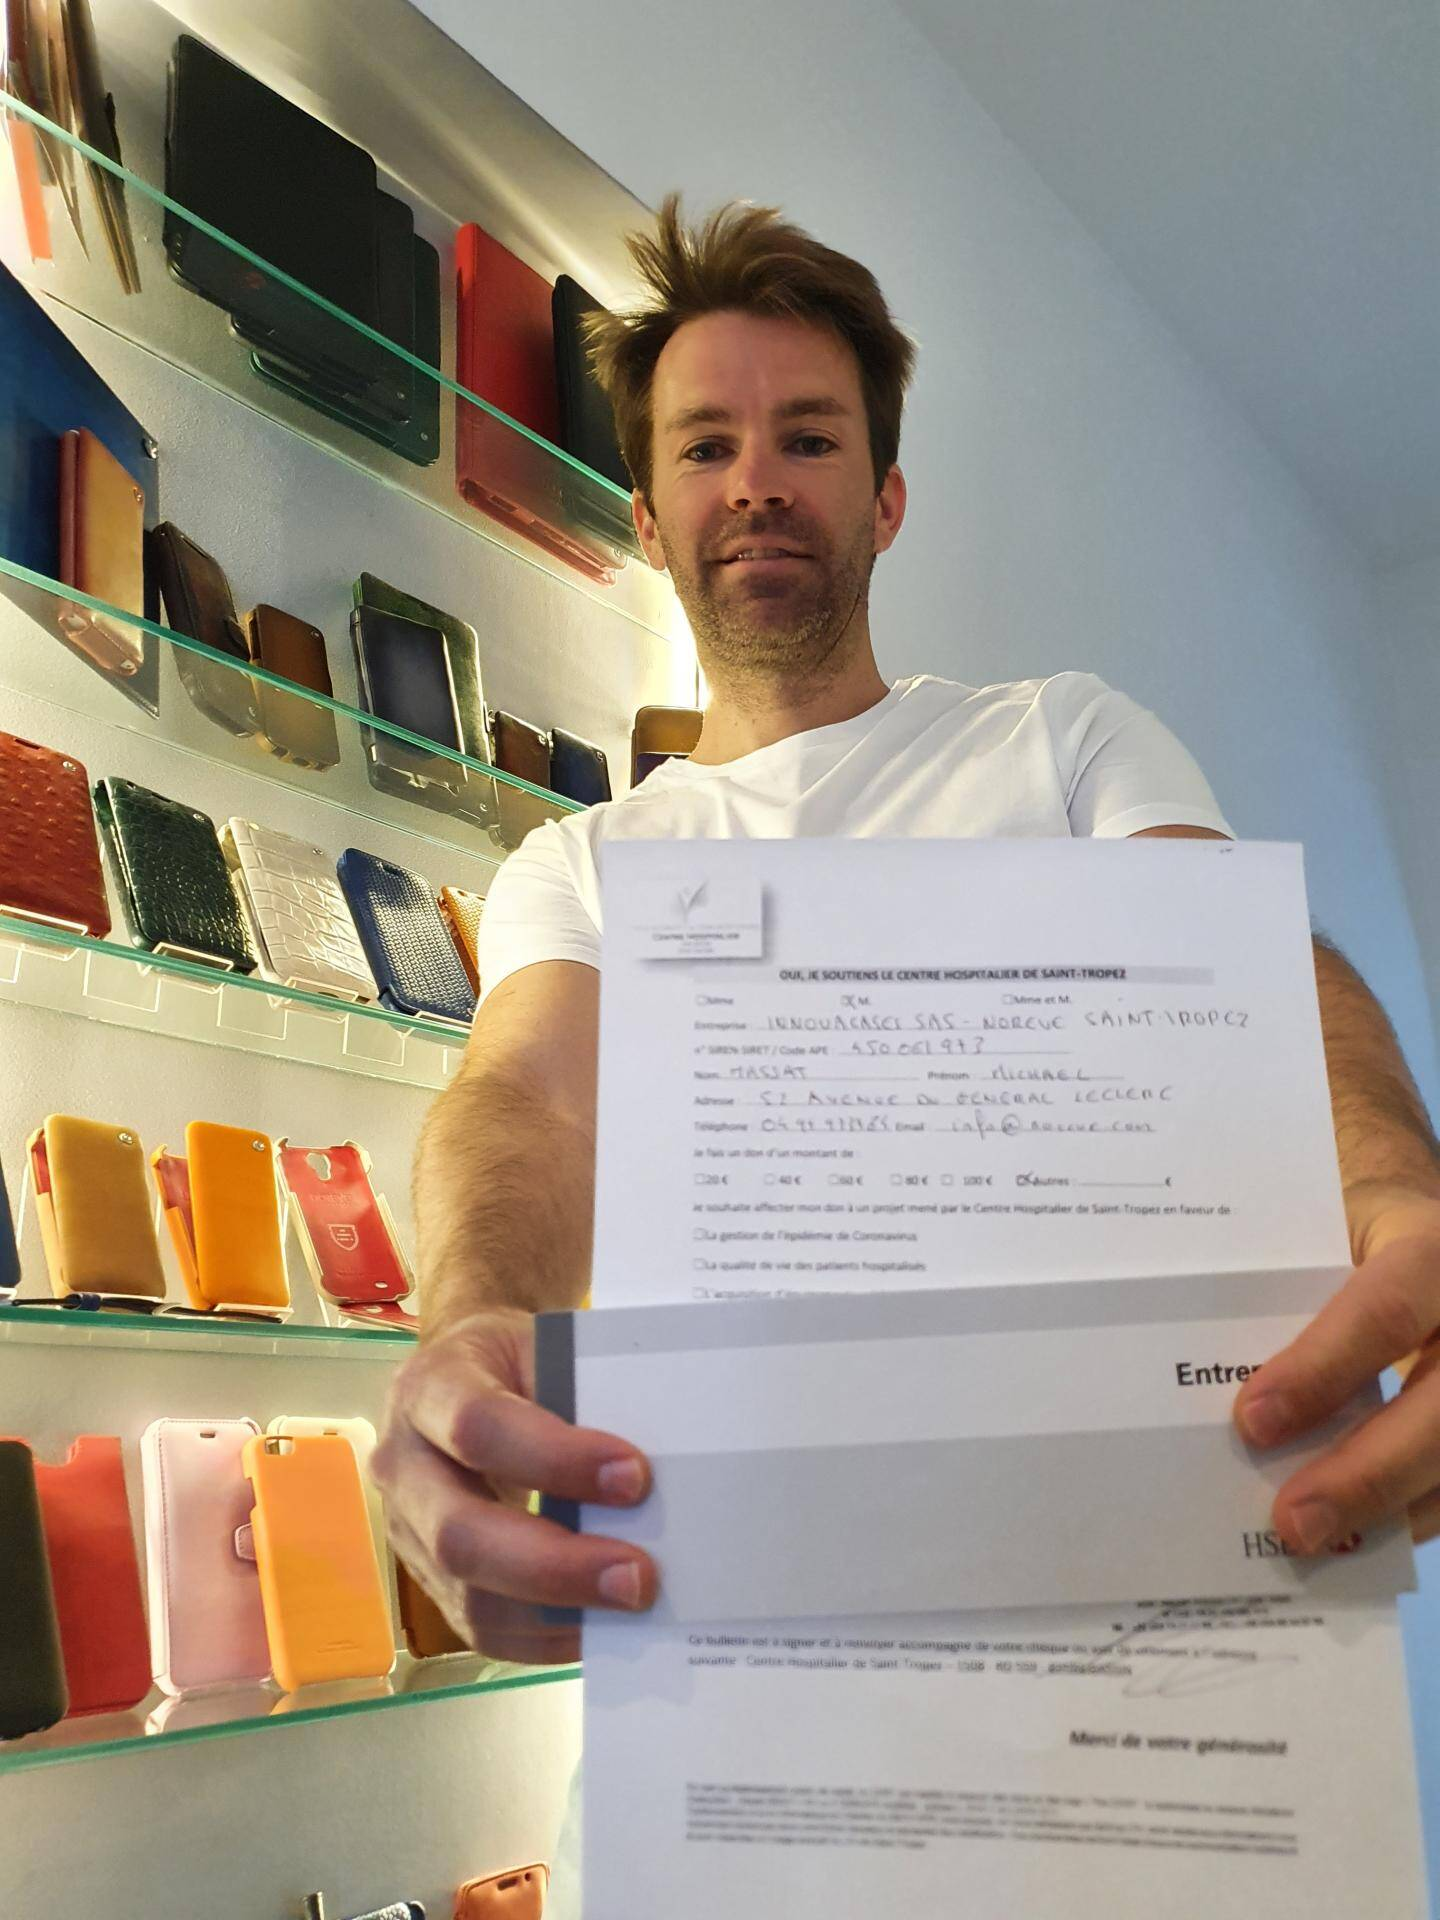 Michaël Massat, dirigeant de la société Noreve, a inscrit sur sa promesse de don son intention de reverser 20% de son chiffre d'affaires au pôle de santé.